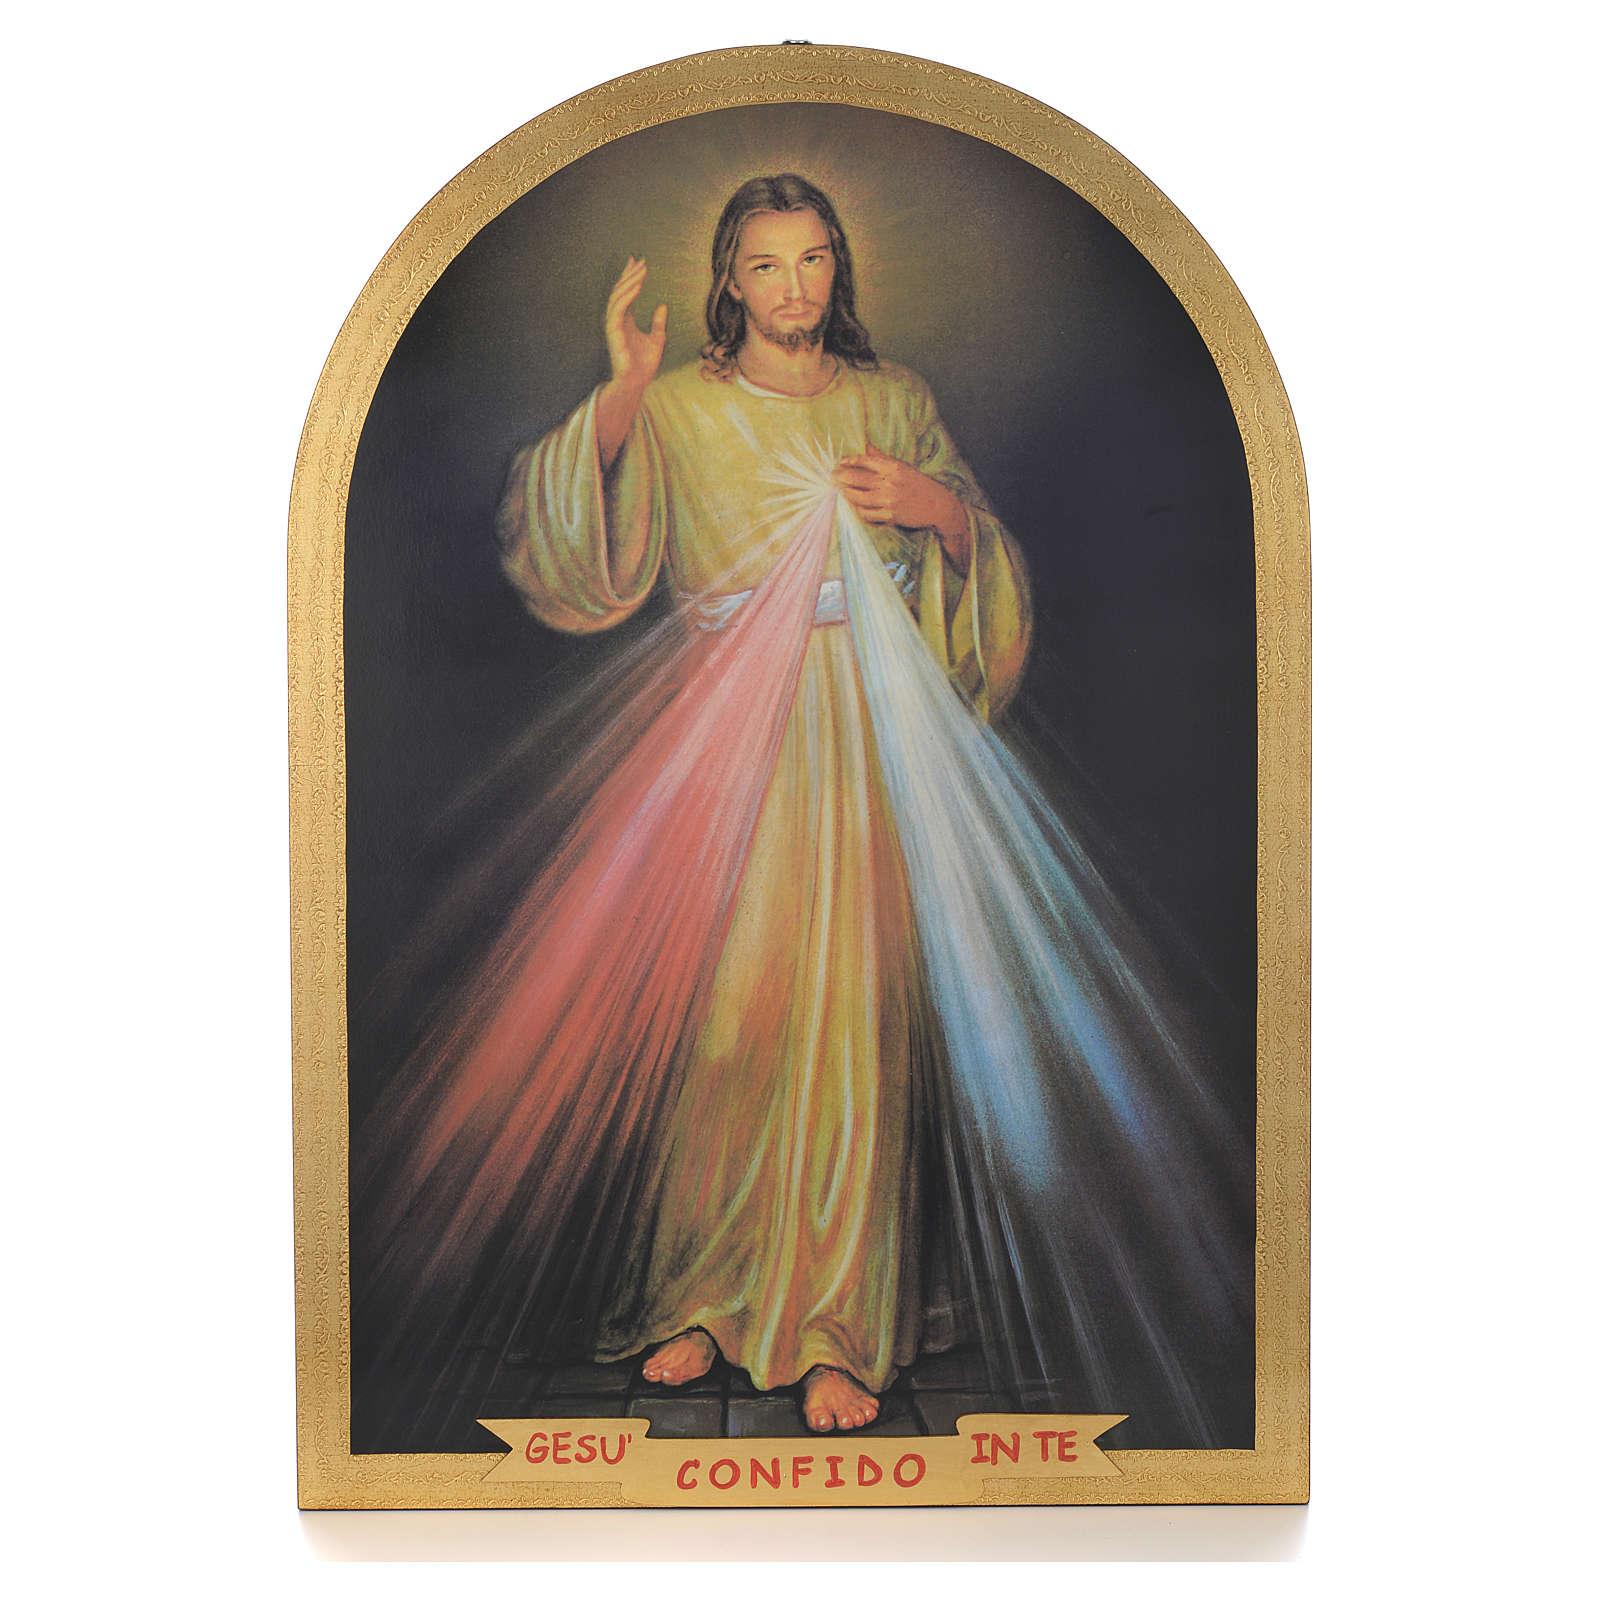 Stampa su legno ogivale foglia oro Divina Misericordia 99x69 3